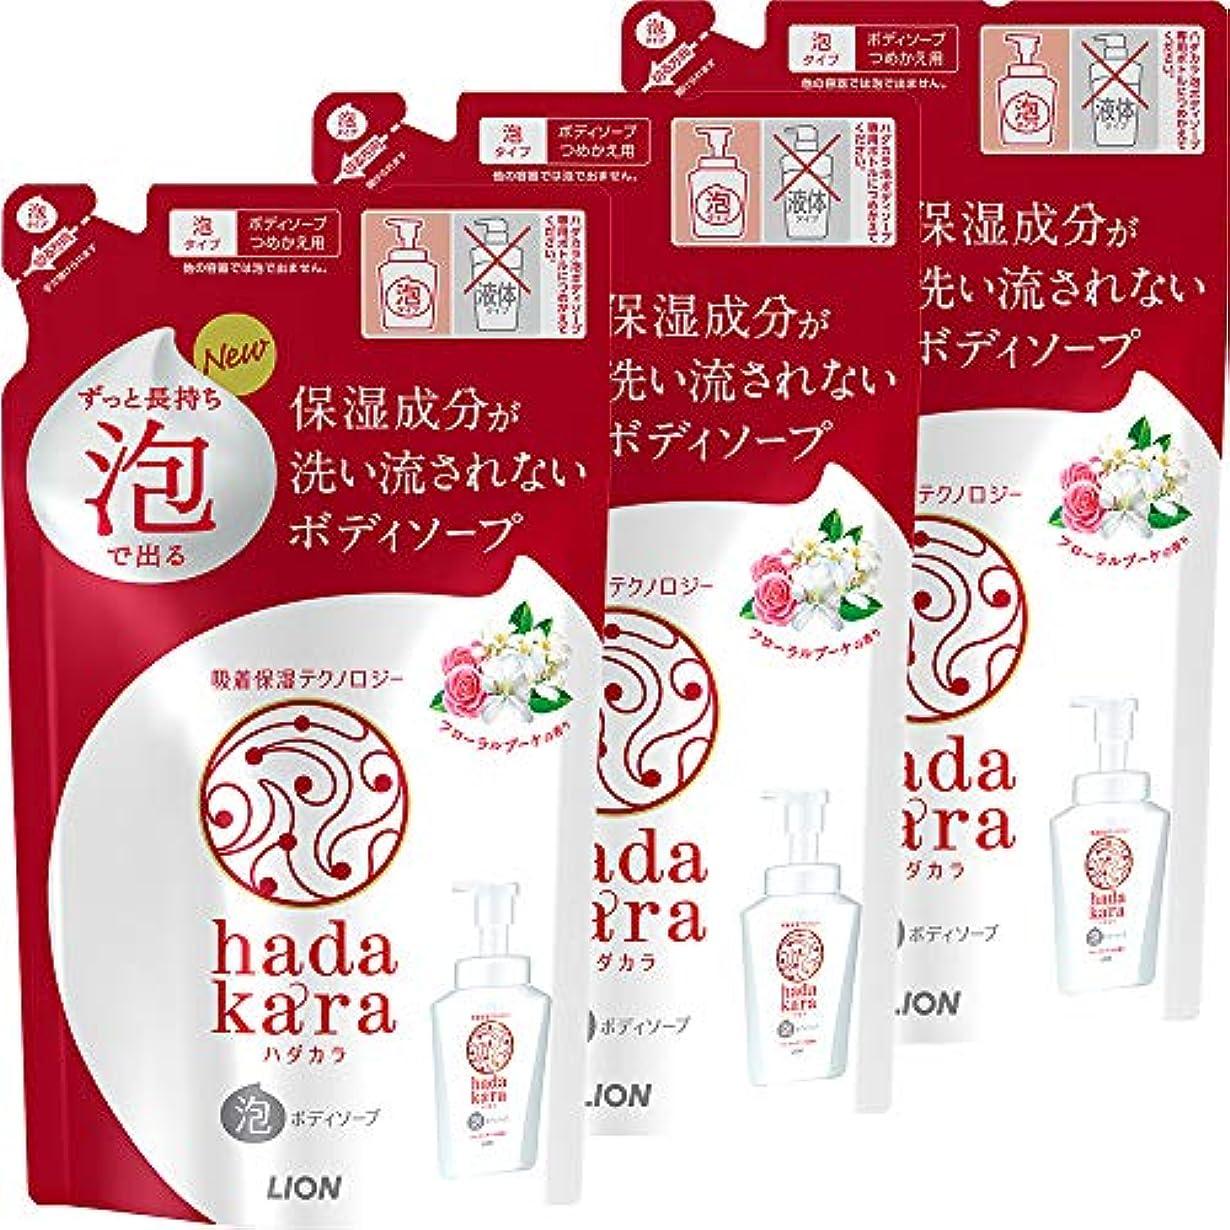 リネン貪欲熱望するhadakara(ハダカラ) ボディソープ 泡タイプ フローラルブーケの香り 詰替440ml×3個